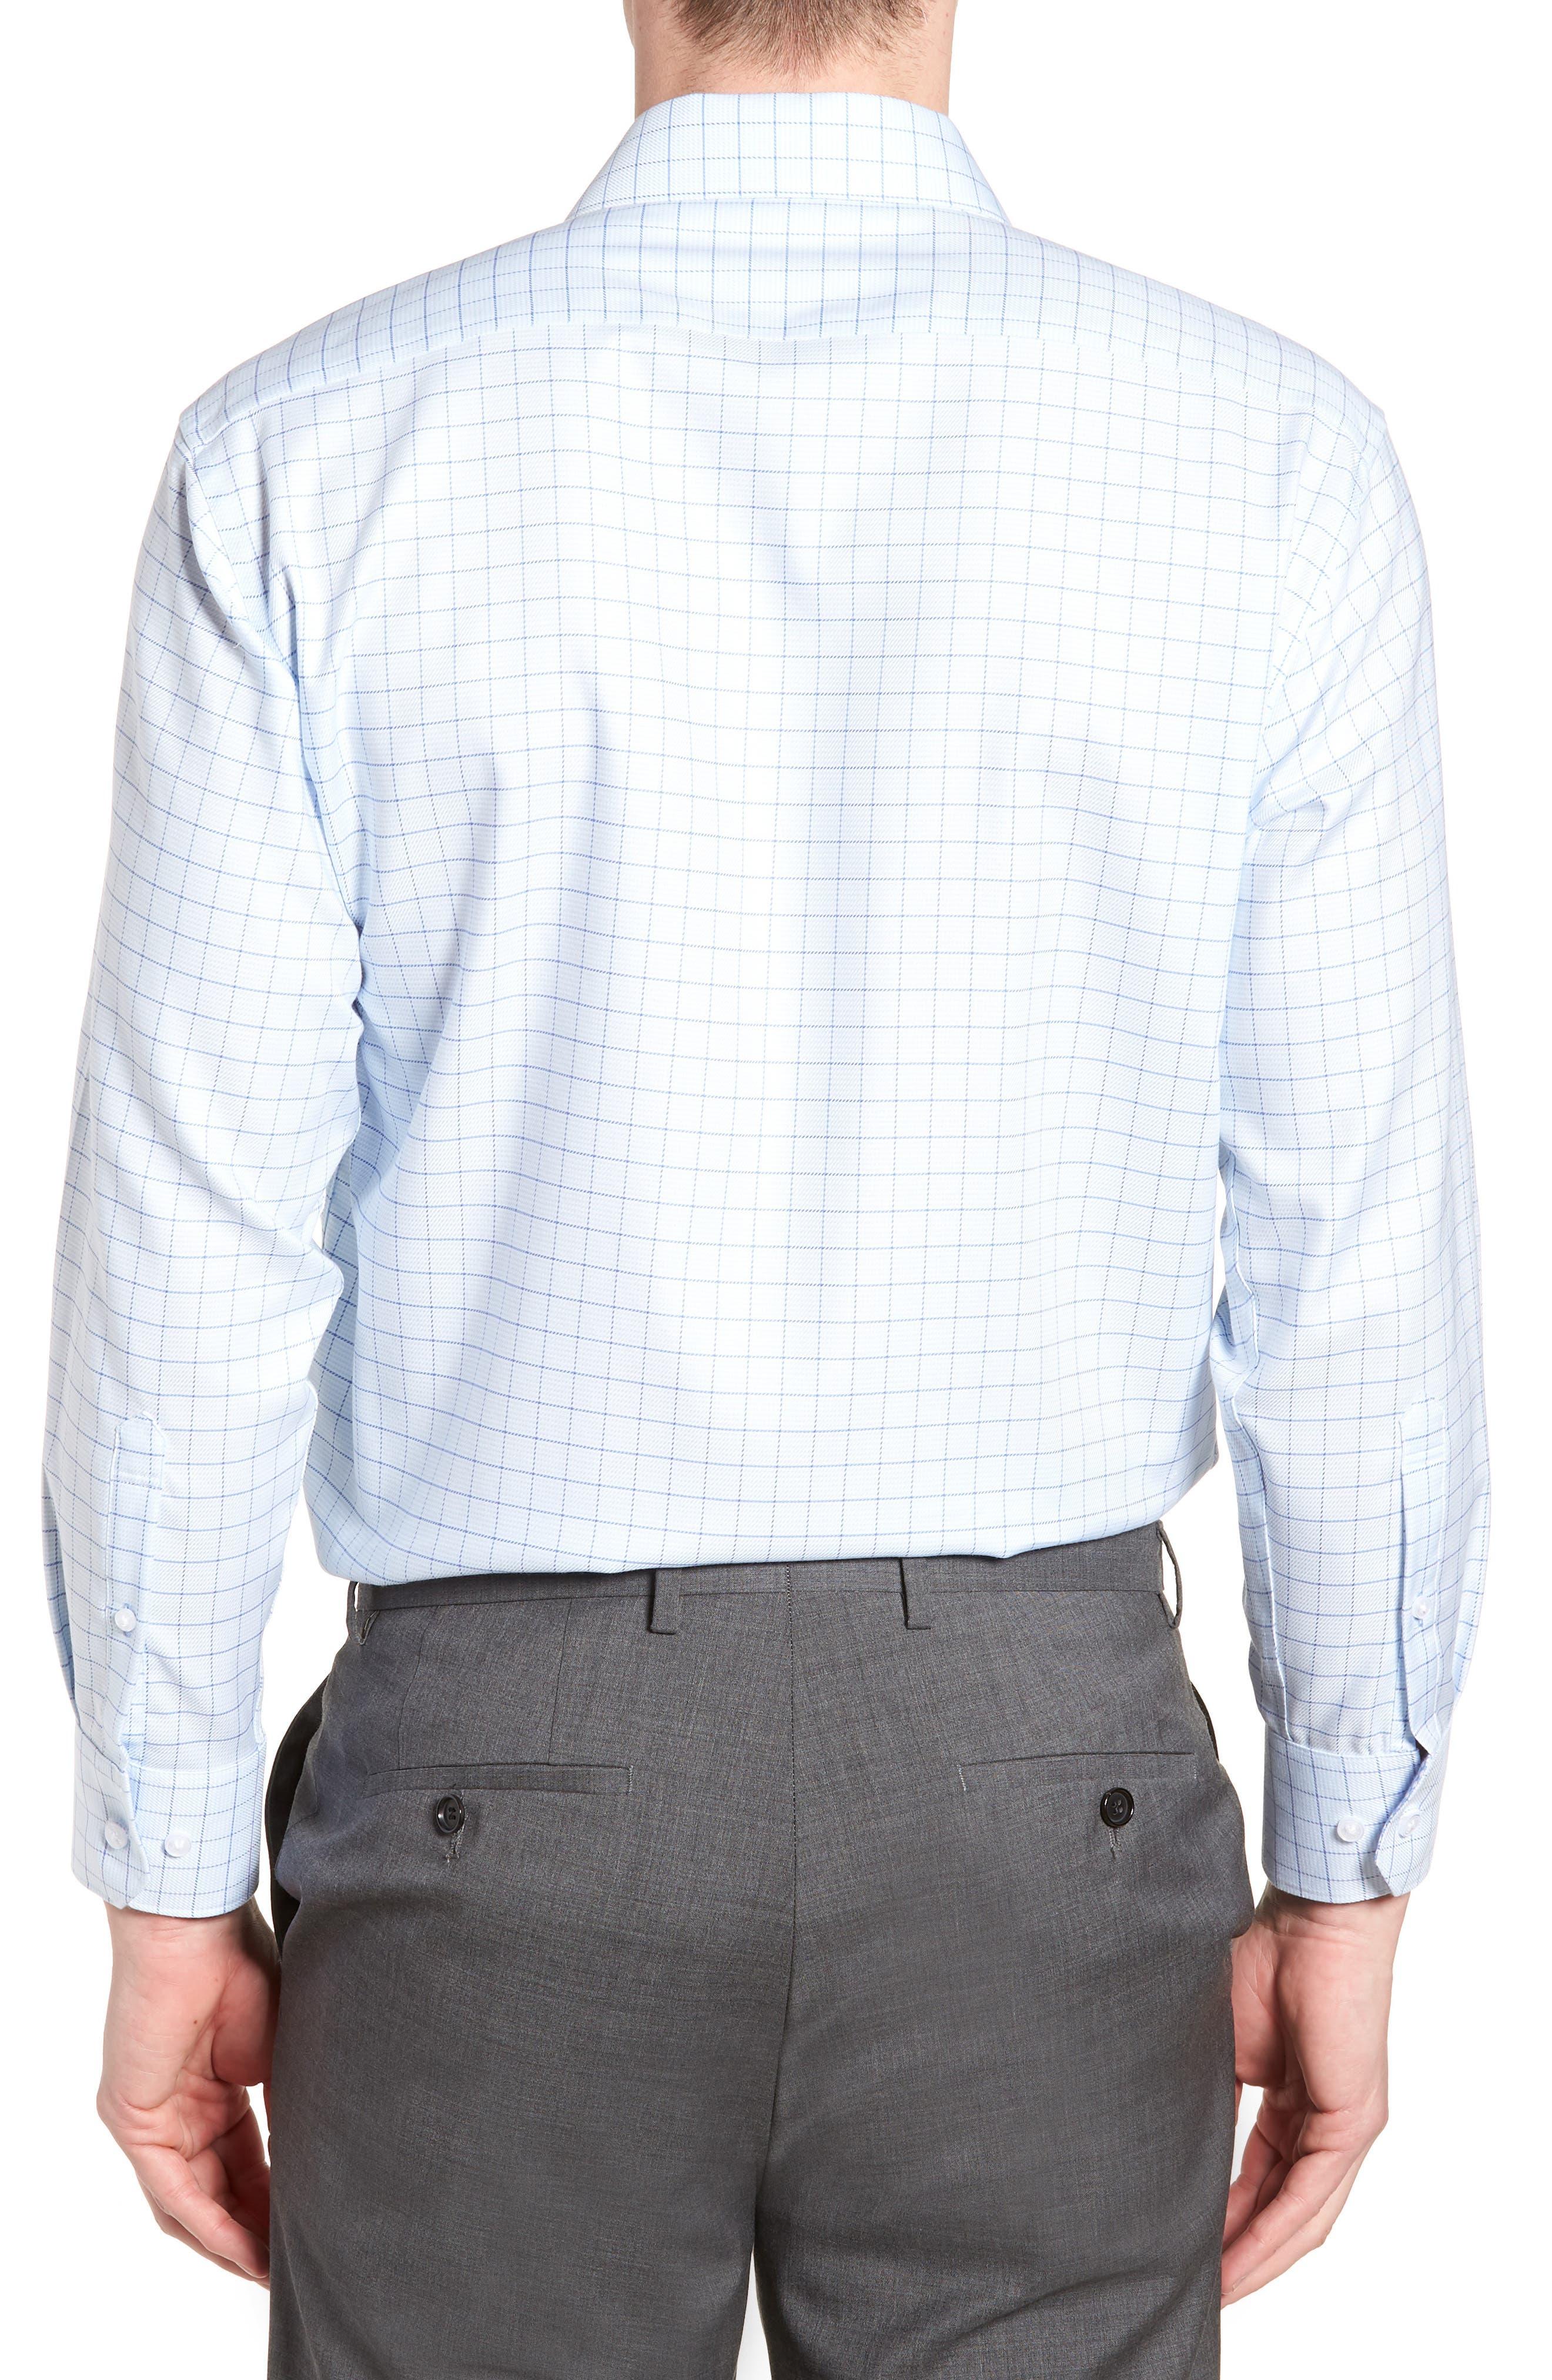 Alec Trim Fit Check Dress Shirt,                             Alternate thumbnail 3, color,                             LIGHT BLUE